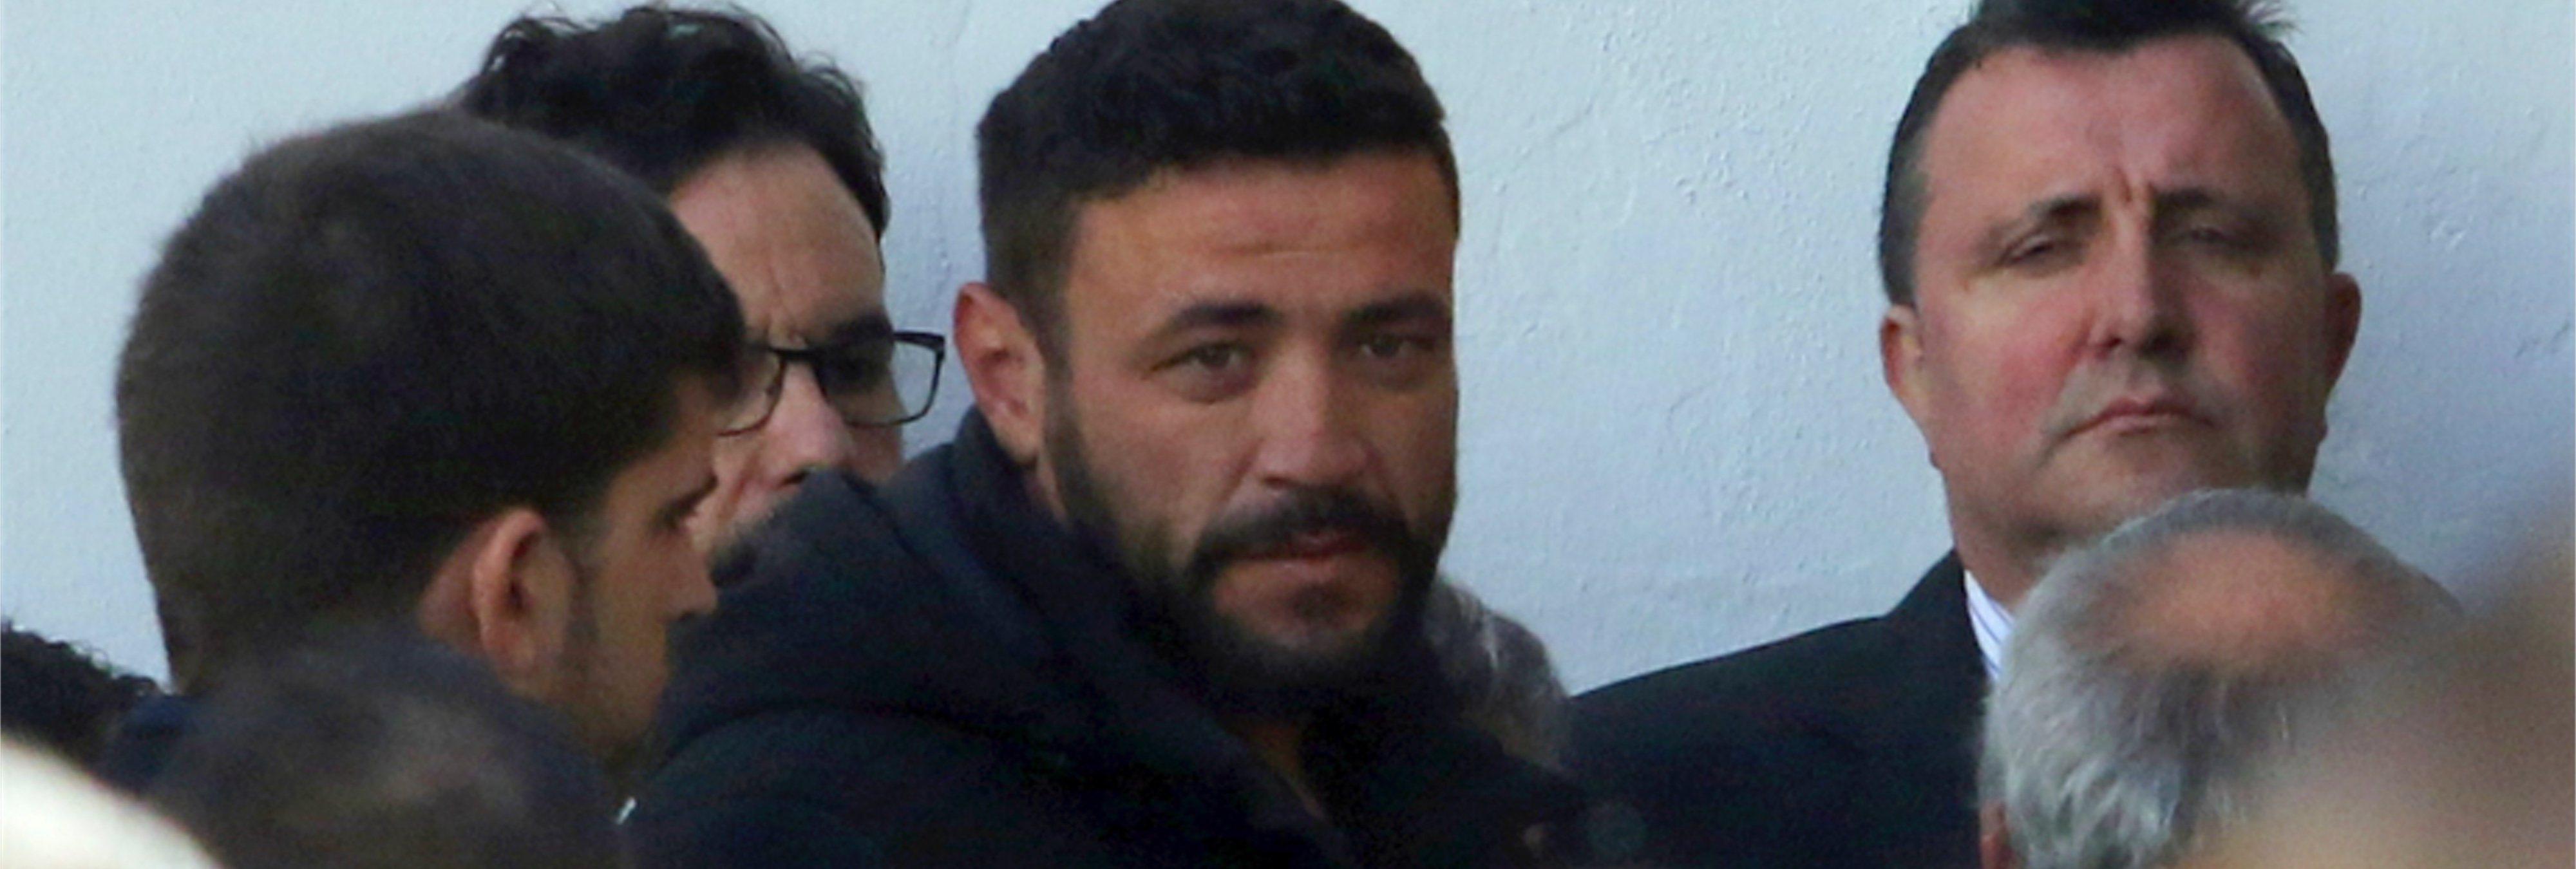 El dueño de la finca donde murió Julen se declara insolvente: no pagará ni a los padres ni el rescate